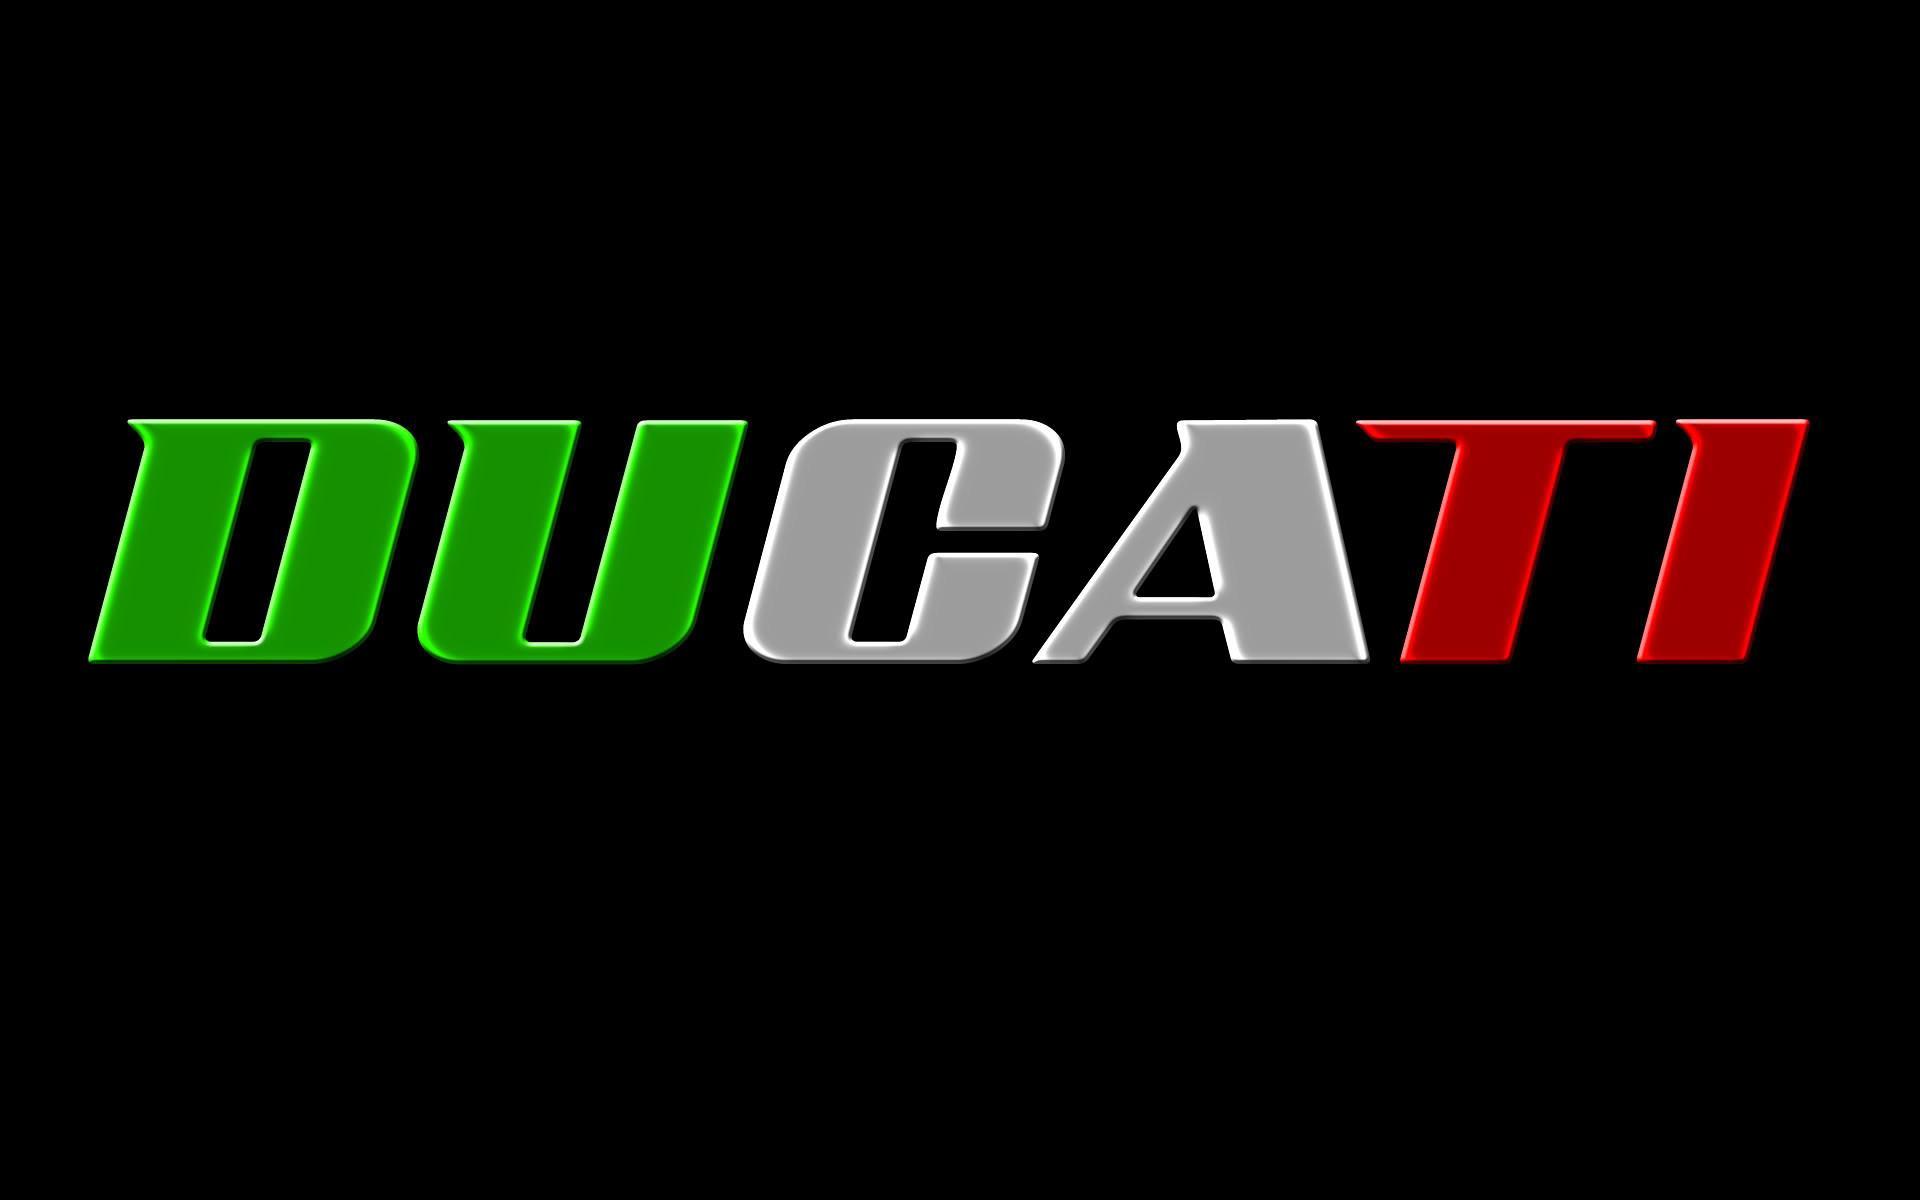 Ducati Logo Wallpaper 7350 Hd Wallpapers in Logos – Imagesci.com